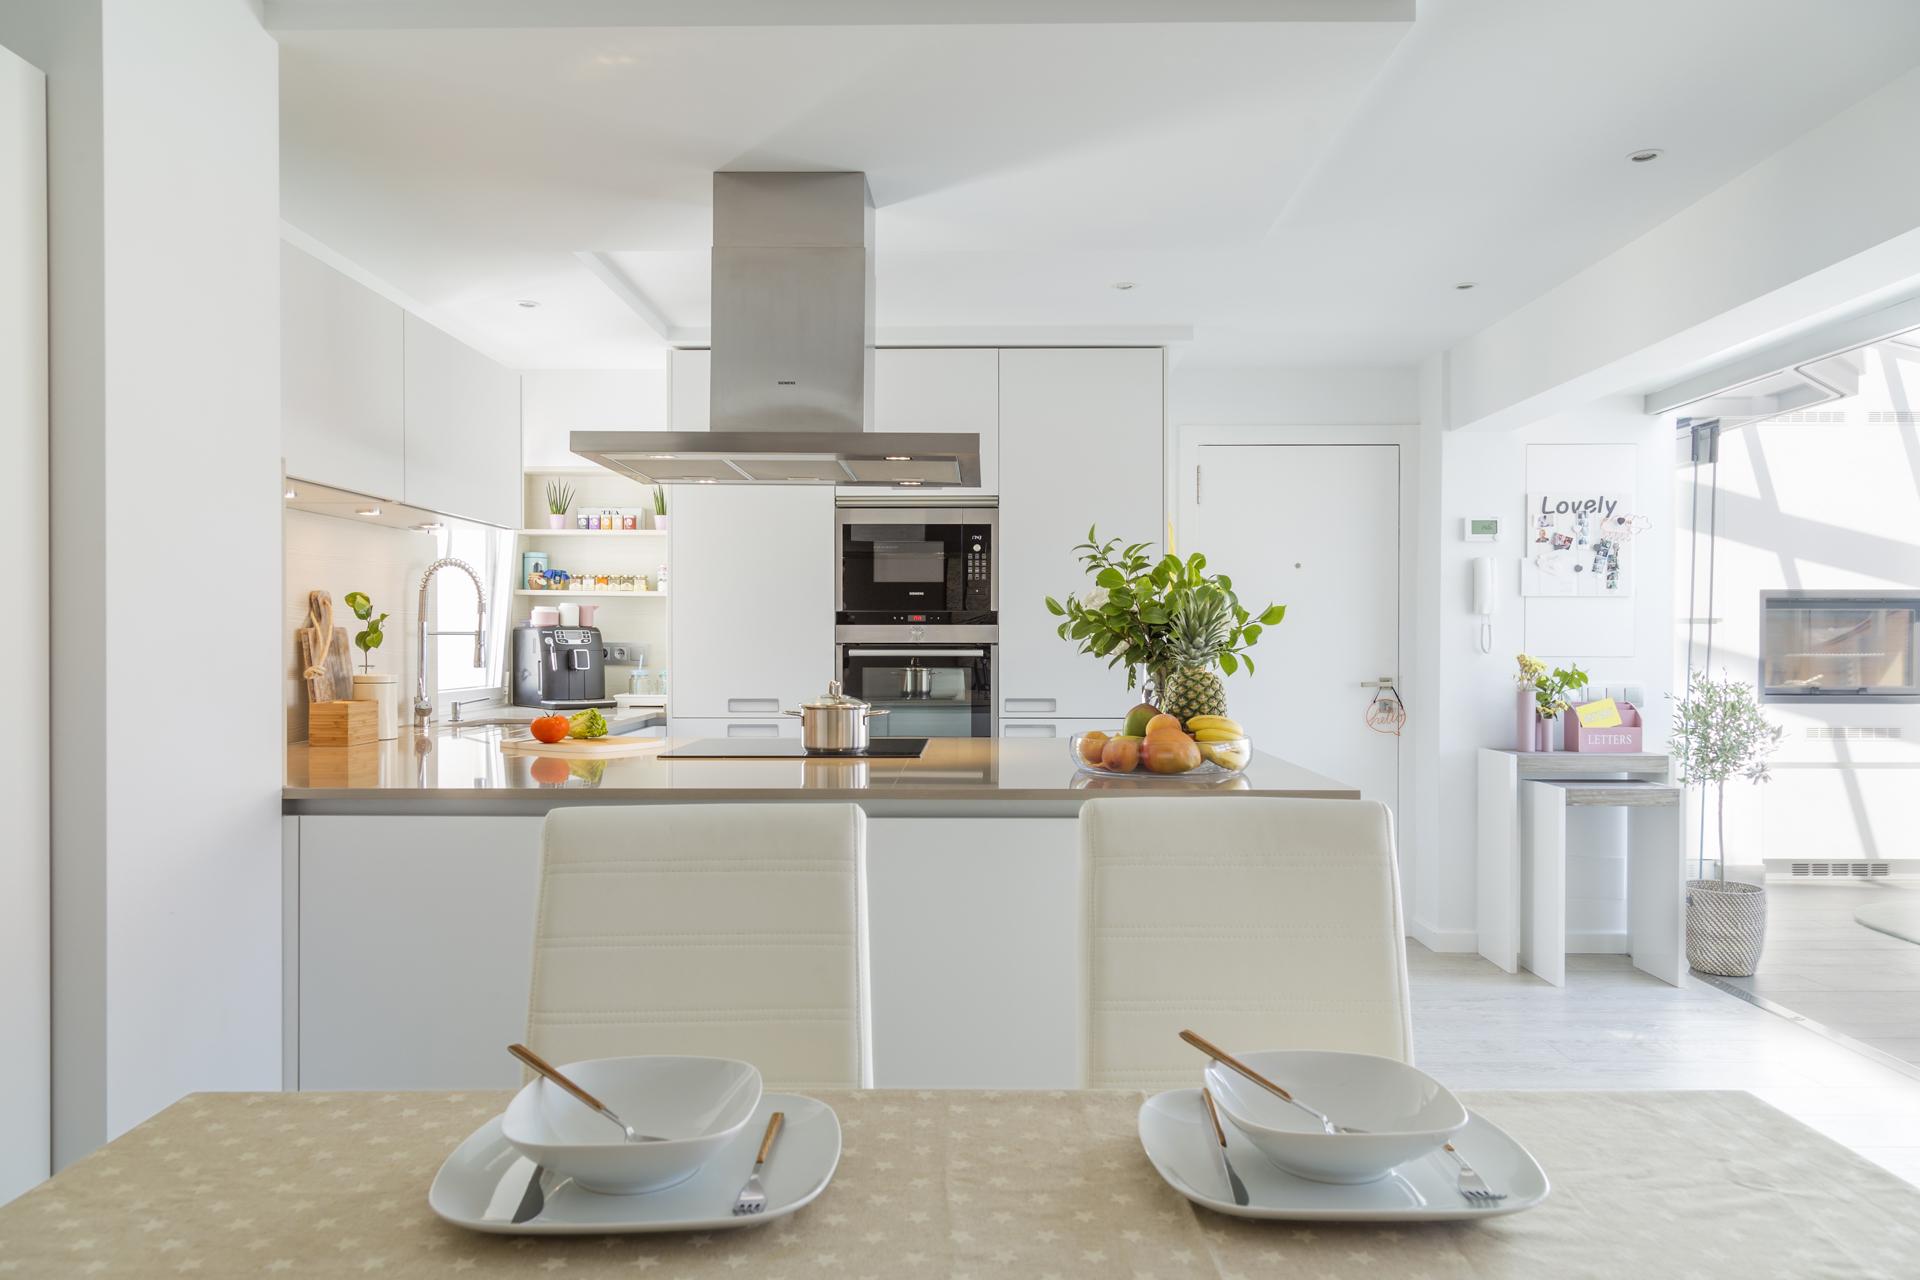 Cocina blanca abierta al salon comedor